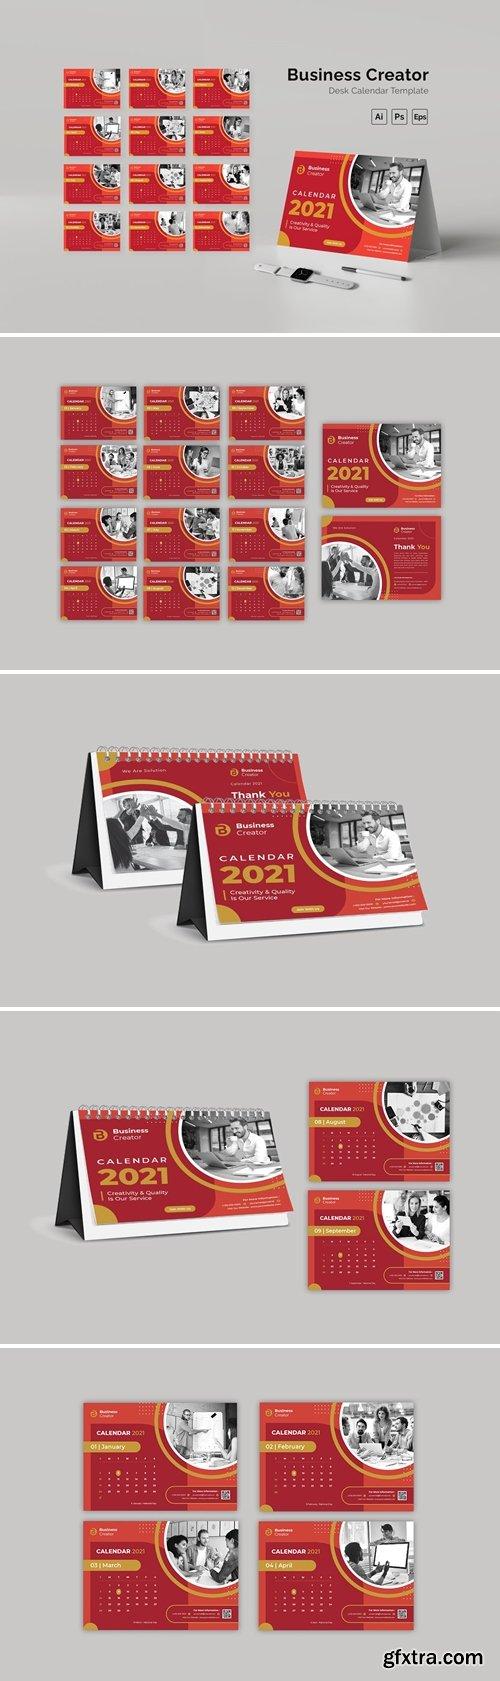 Business Creator Desk Calendar